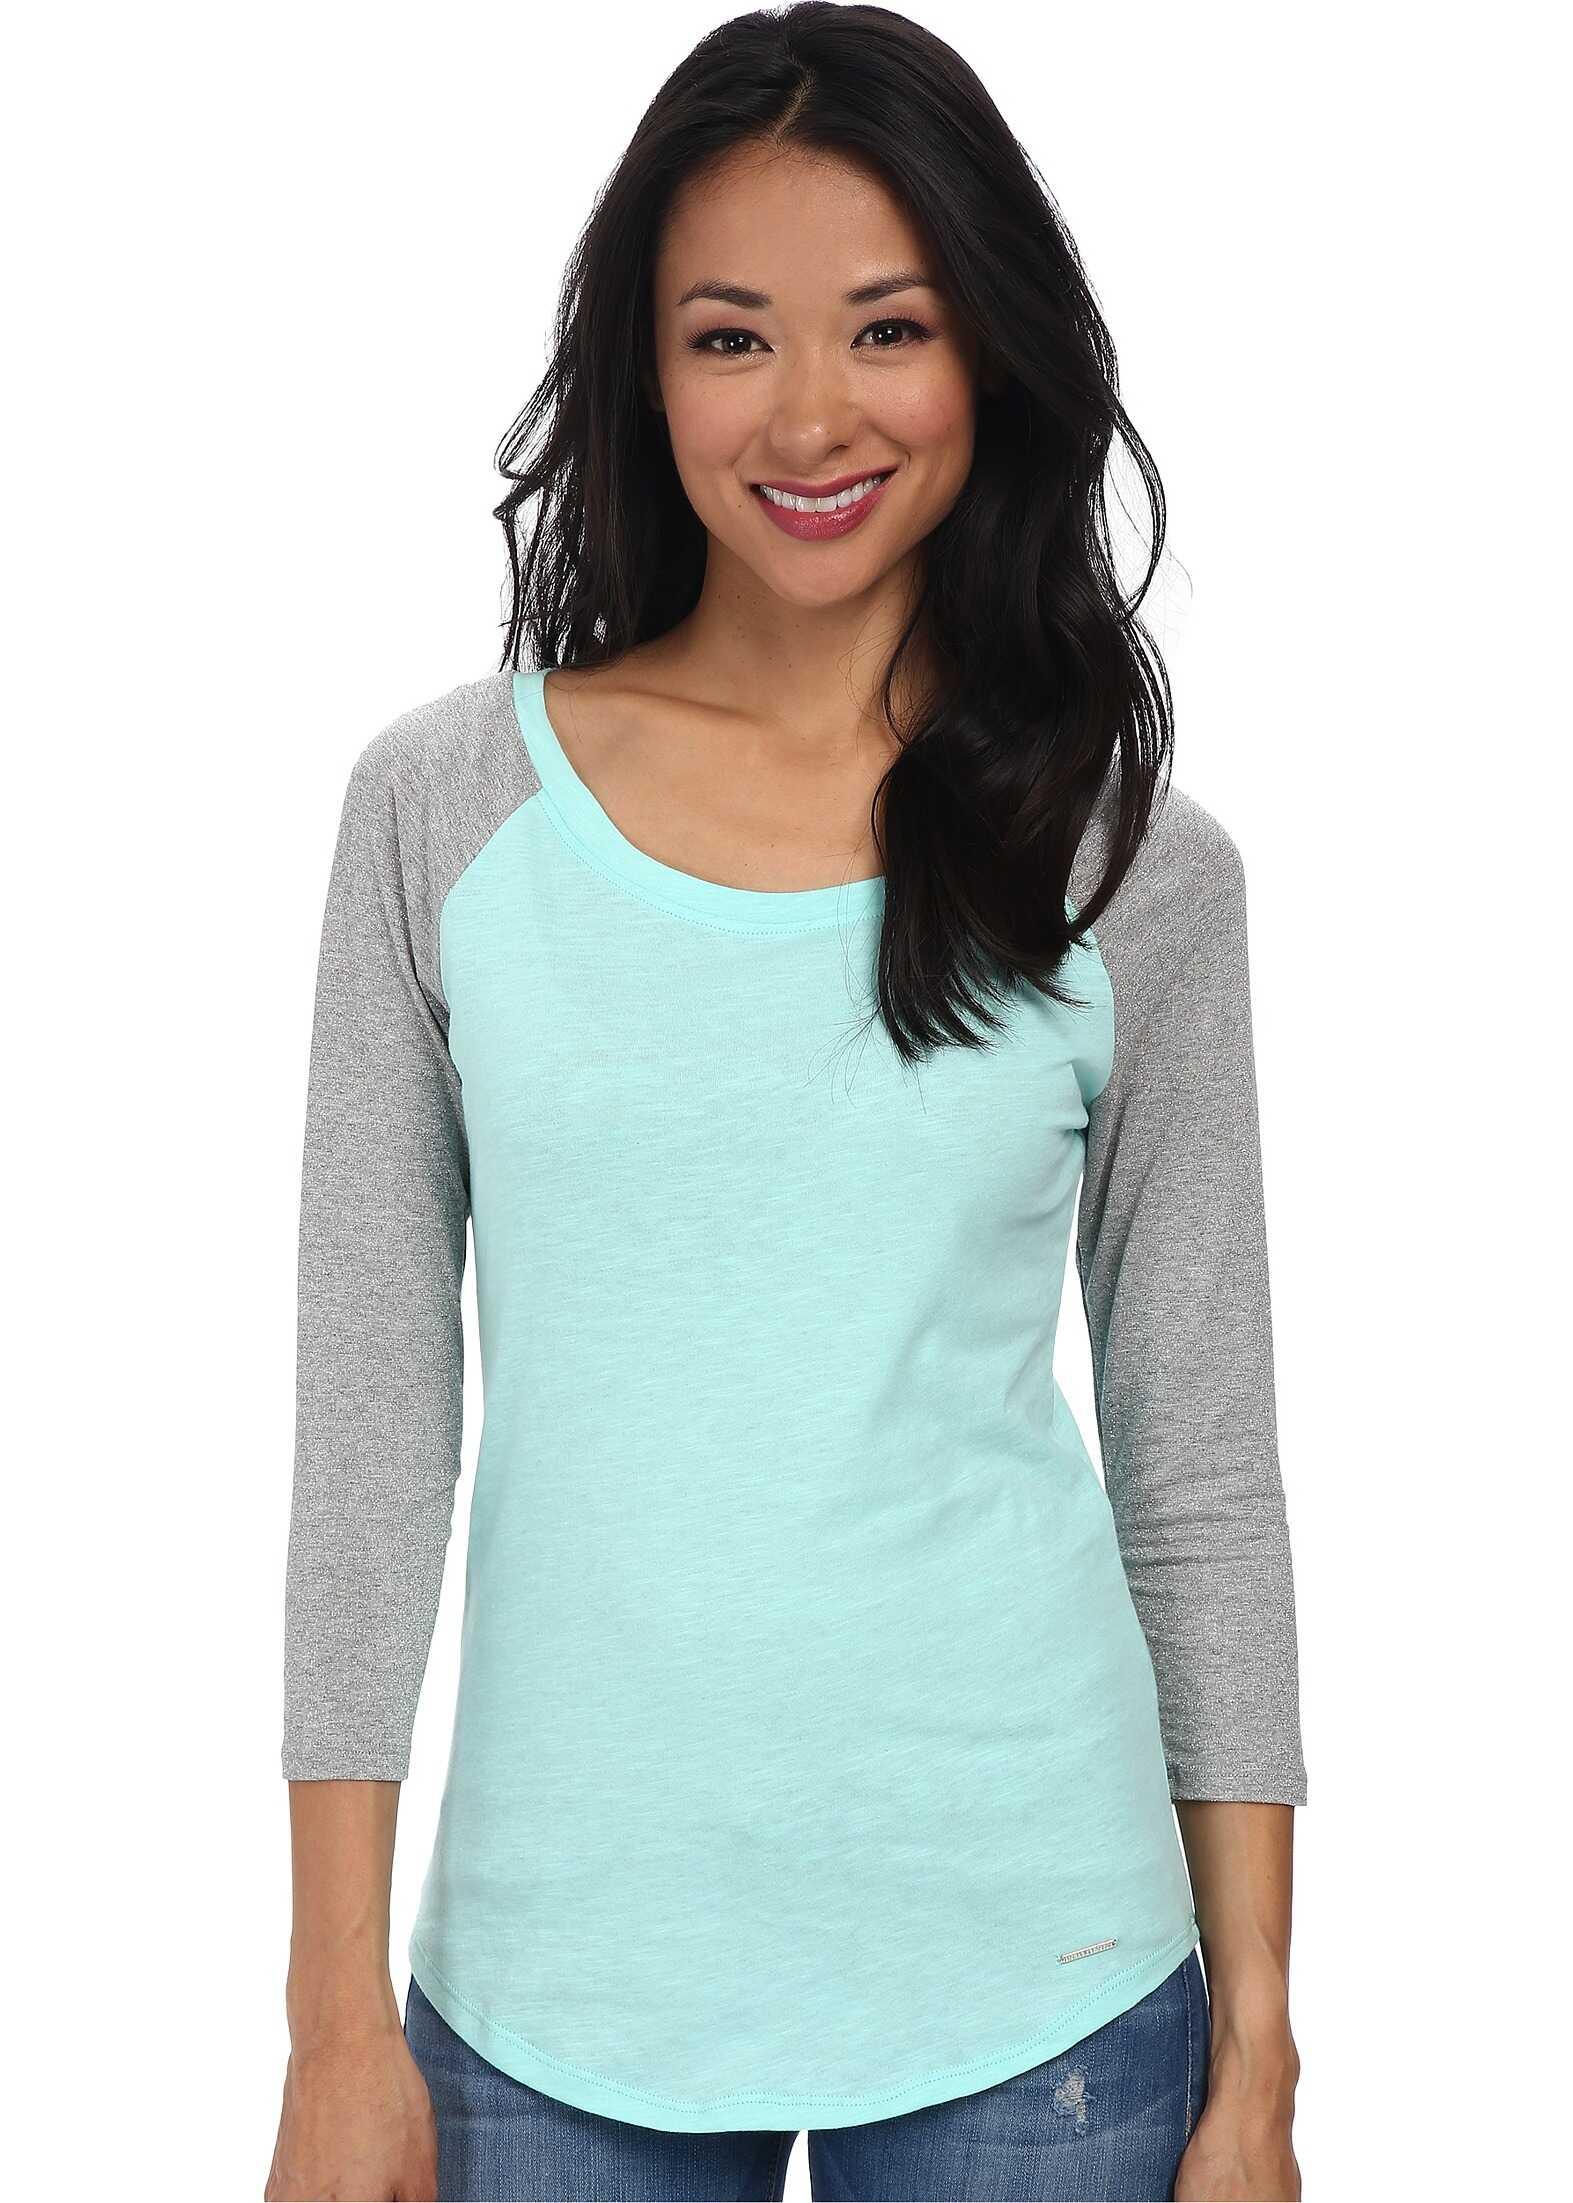 U.S. POLO ASSN. Metallic 3/4 Sleeve with Light Weight Jersey Knit Body T-Shirt Aqua Thaw